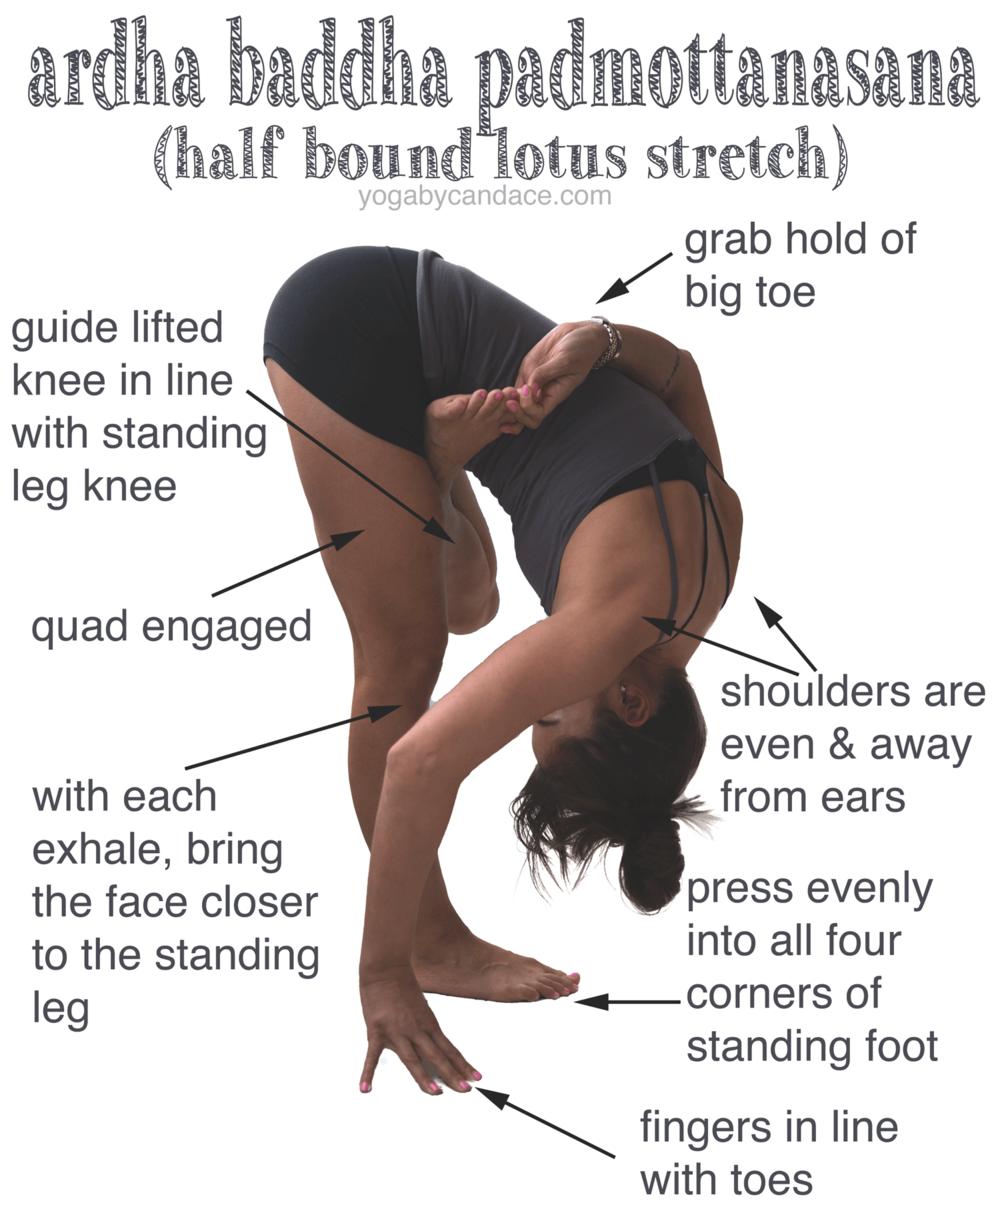 Ardha Baddha Padmottanasana Yogabycandace Yoga Tips Yoga Benefits Yoga Asanas